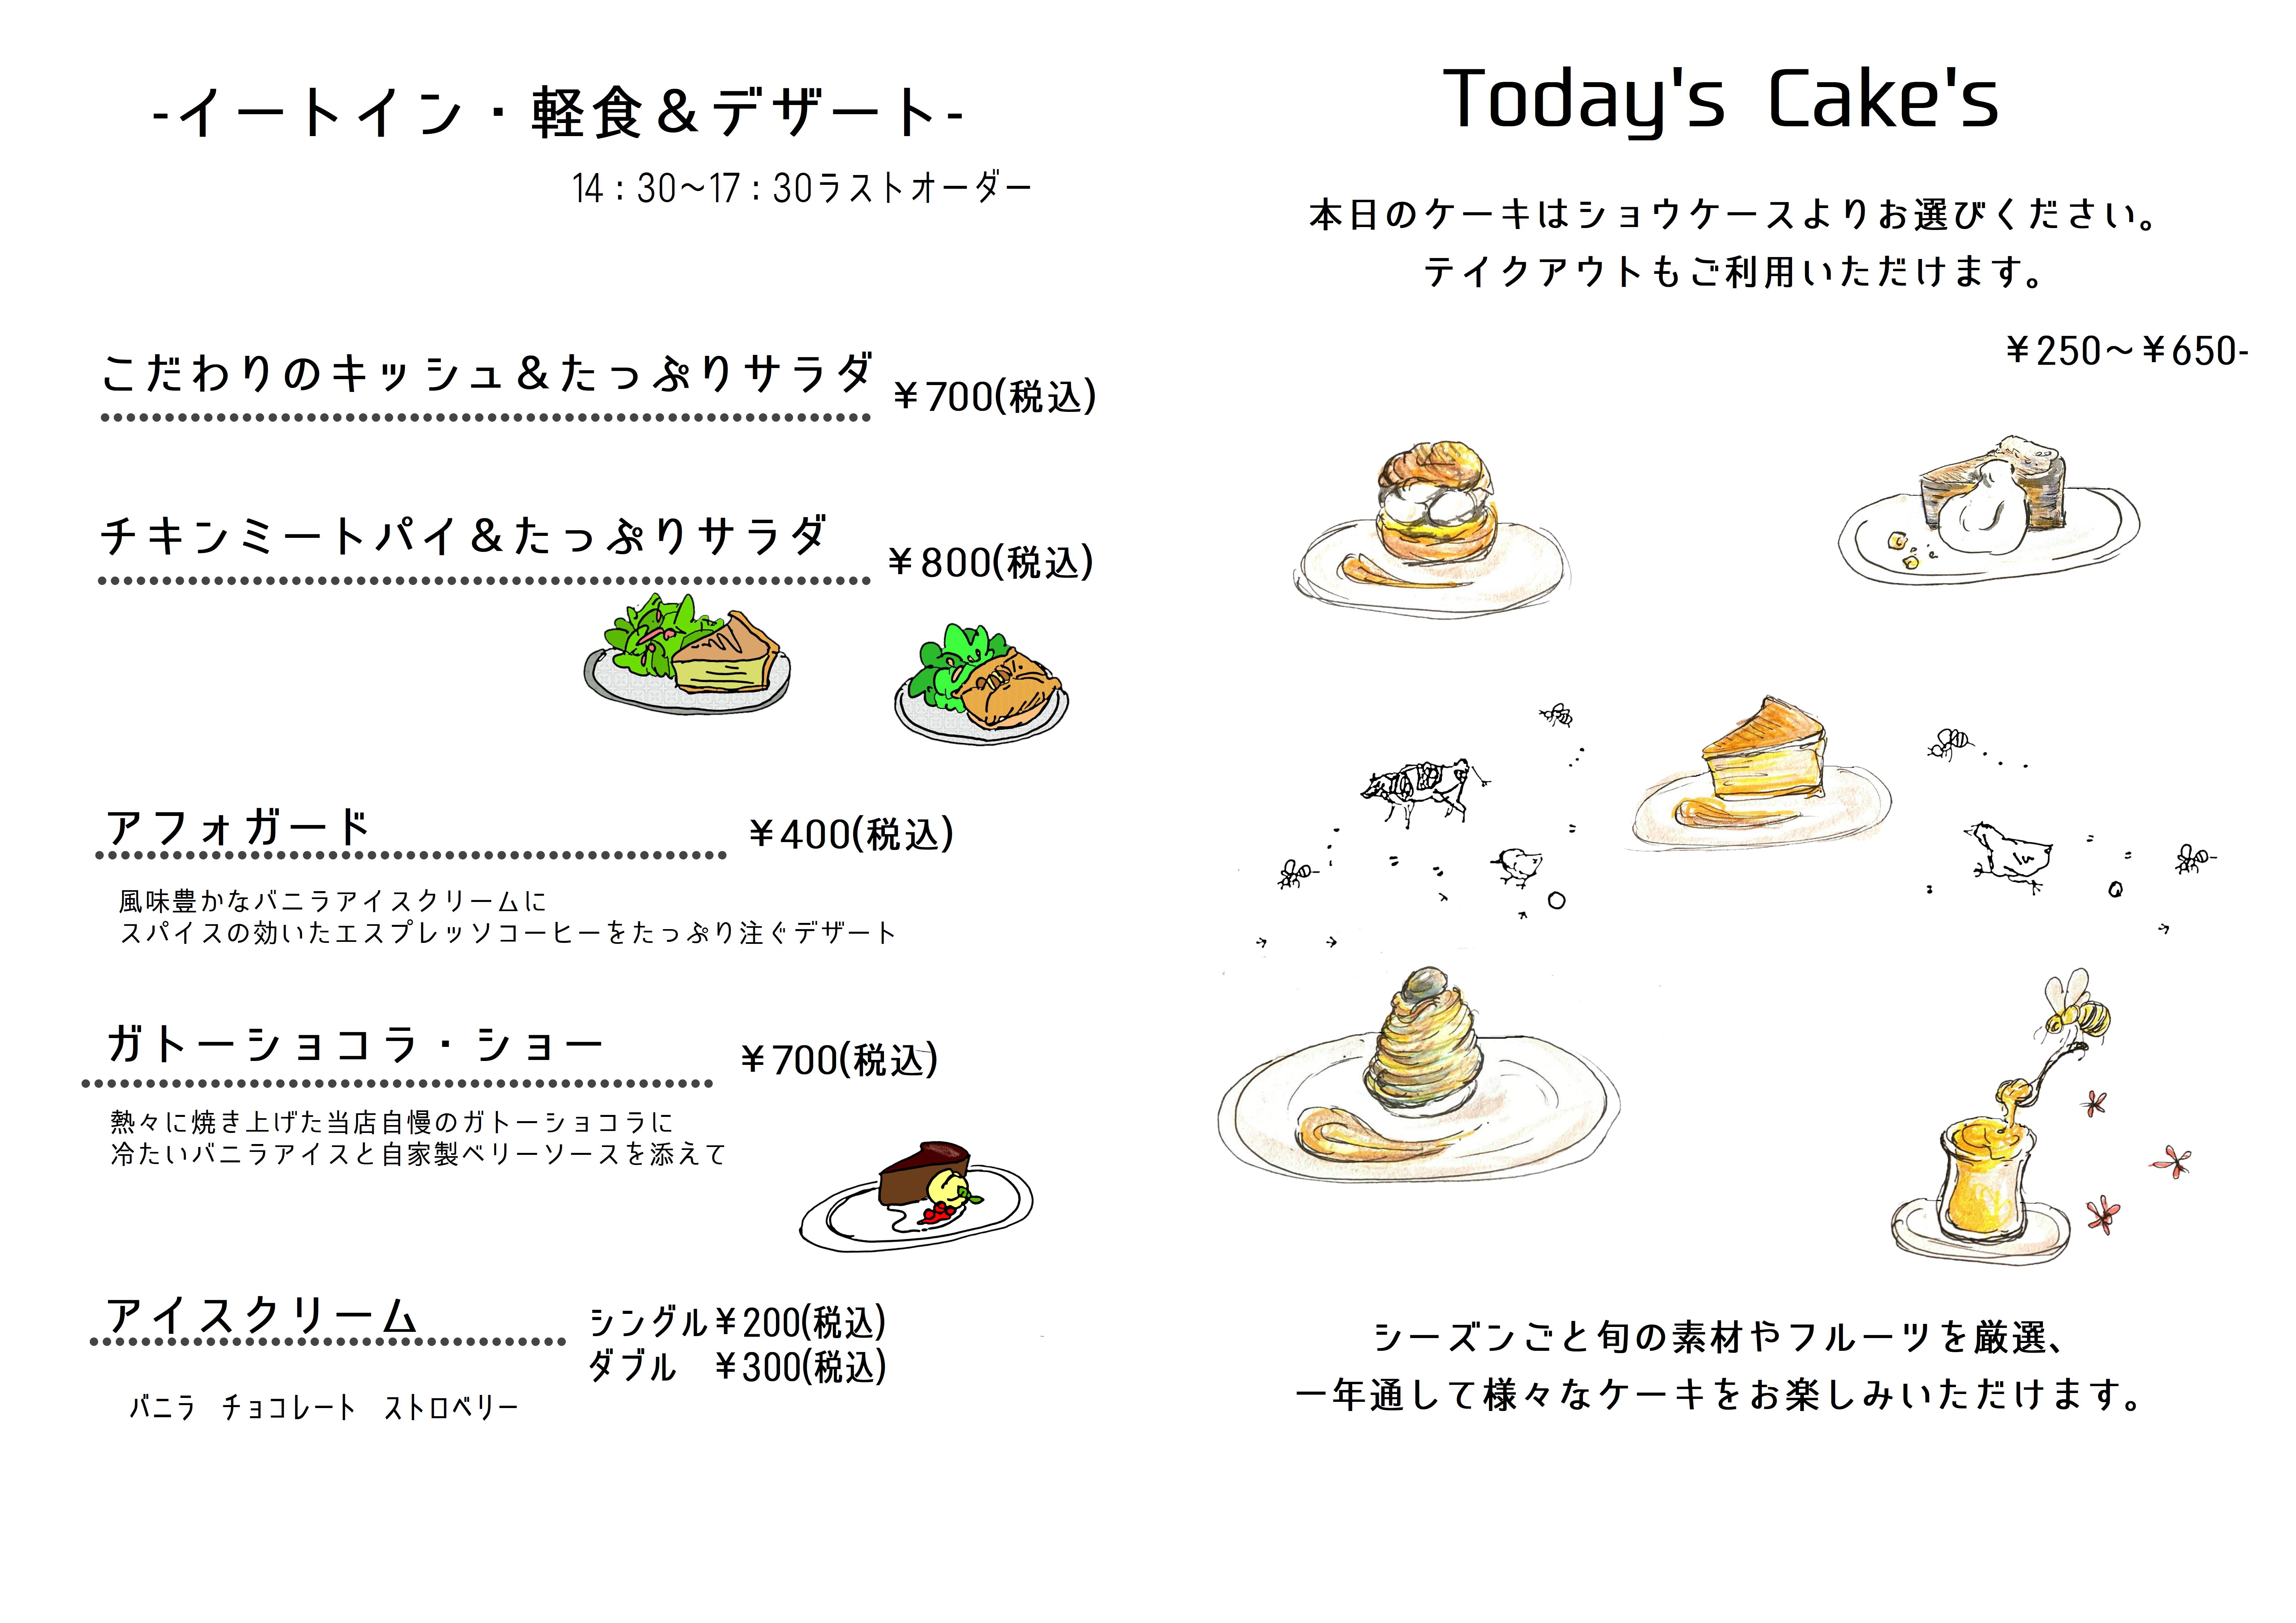 Food&Desert 14:30~18:00